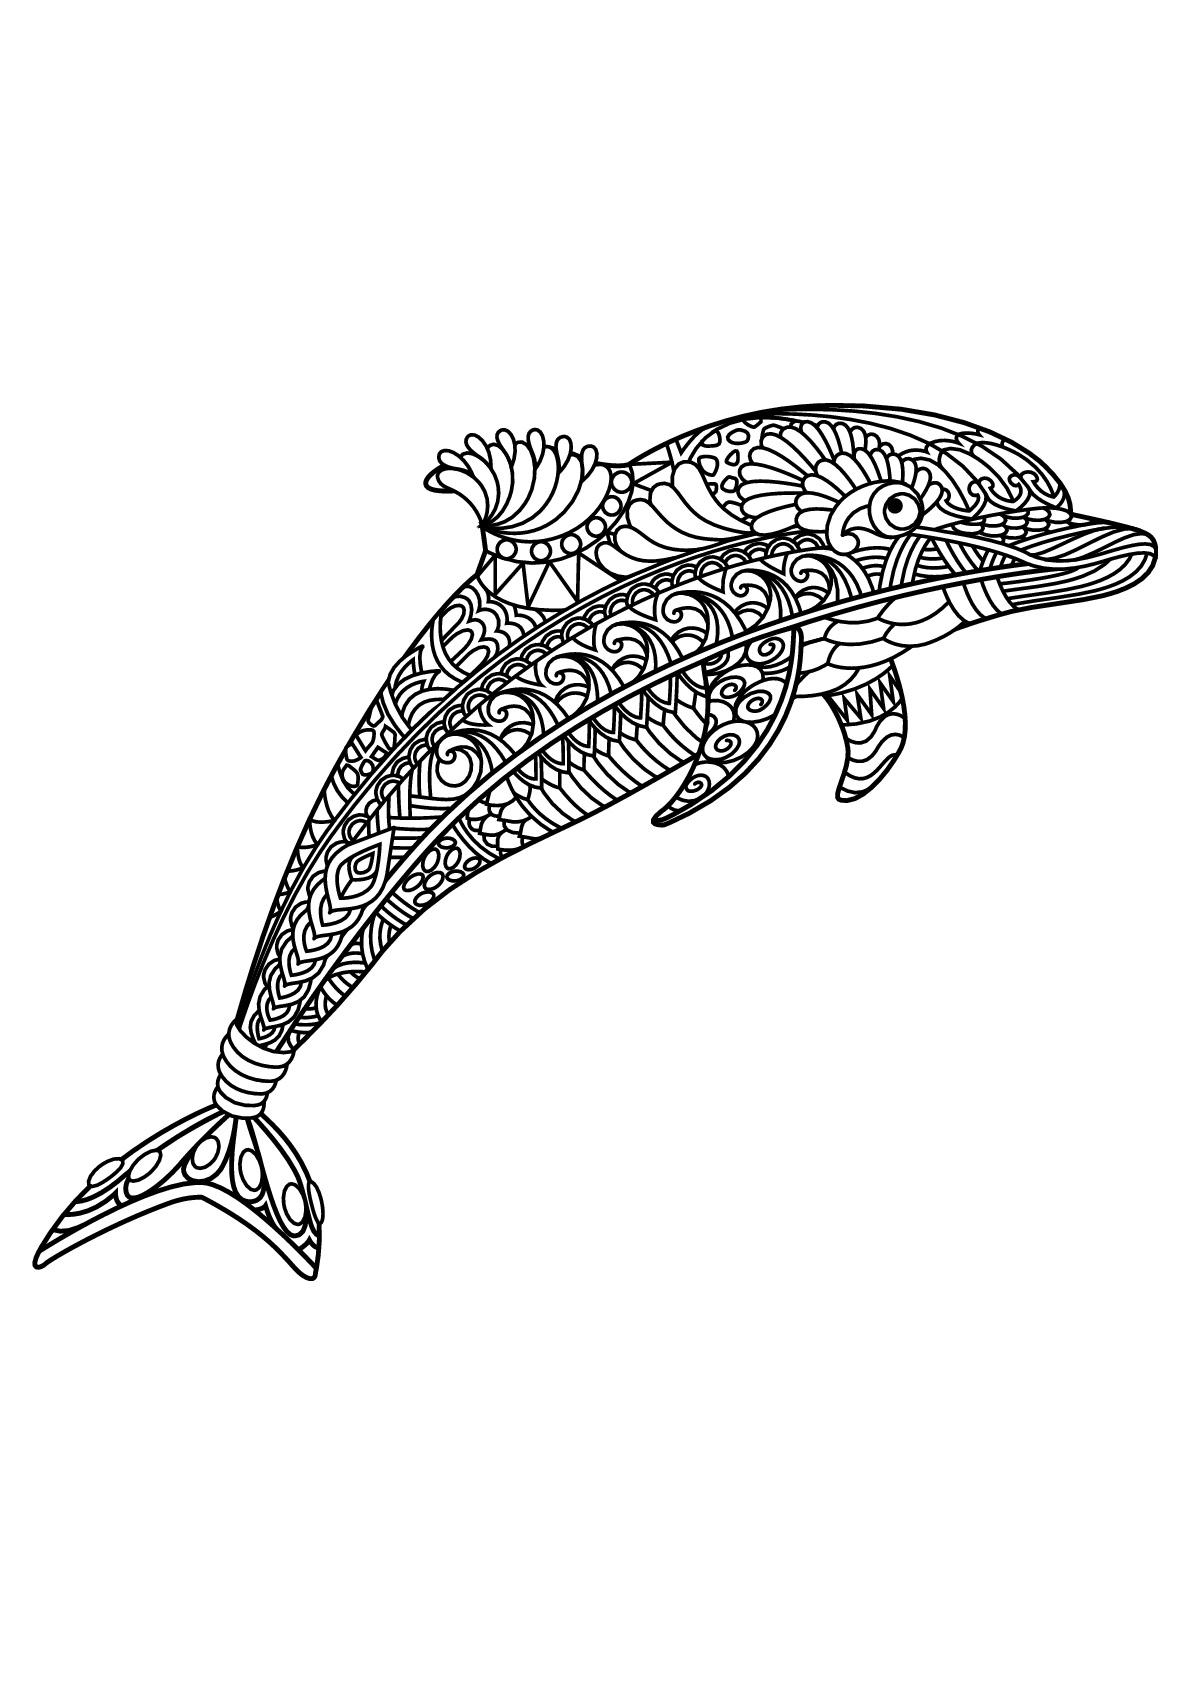 die 280 gratis delfin ausmalbilder kostenlos ausdrucken